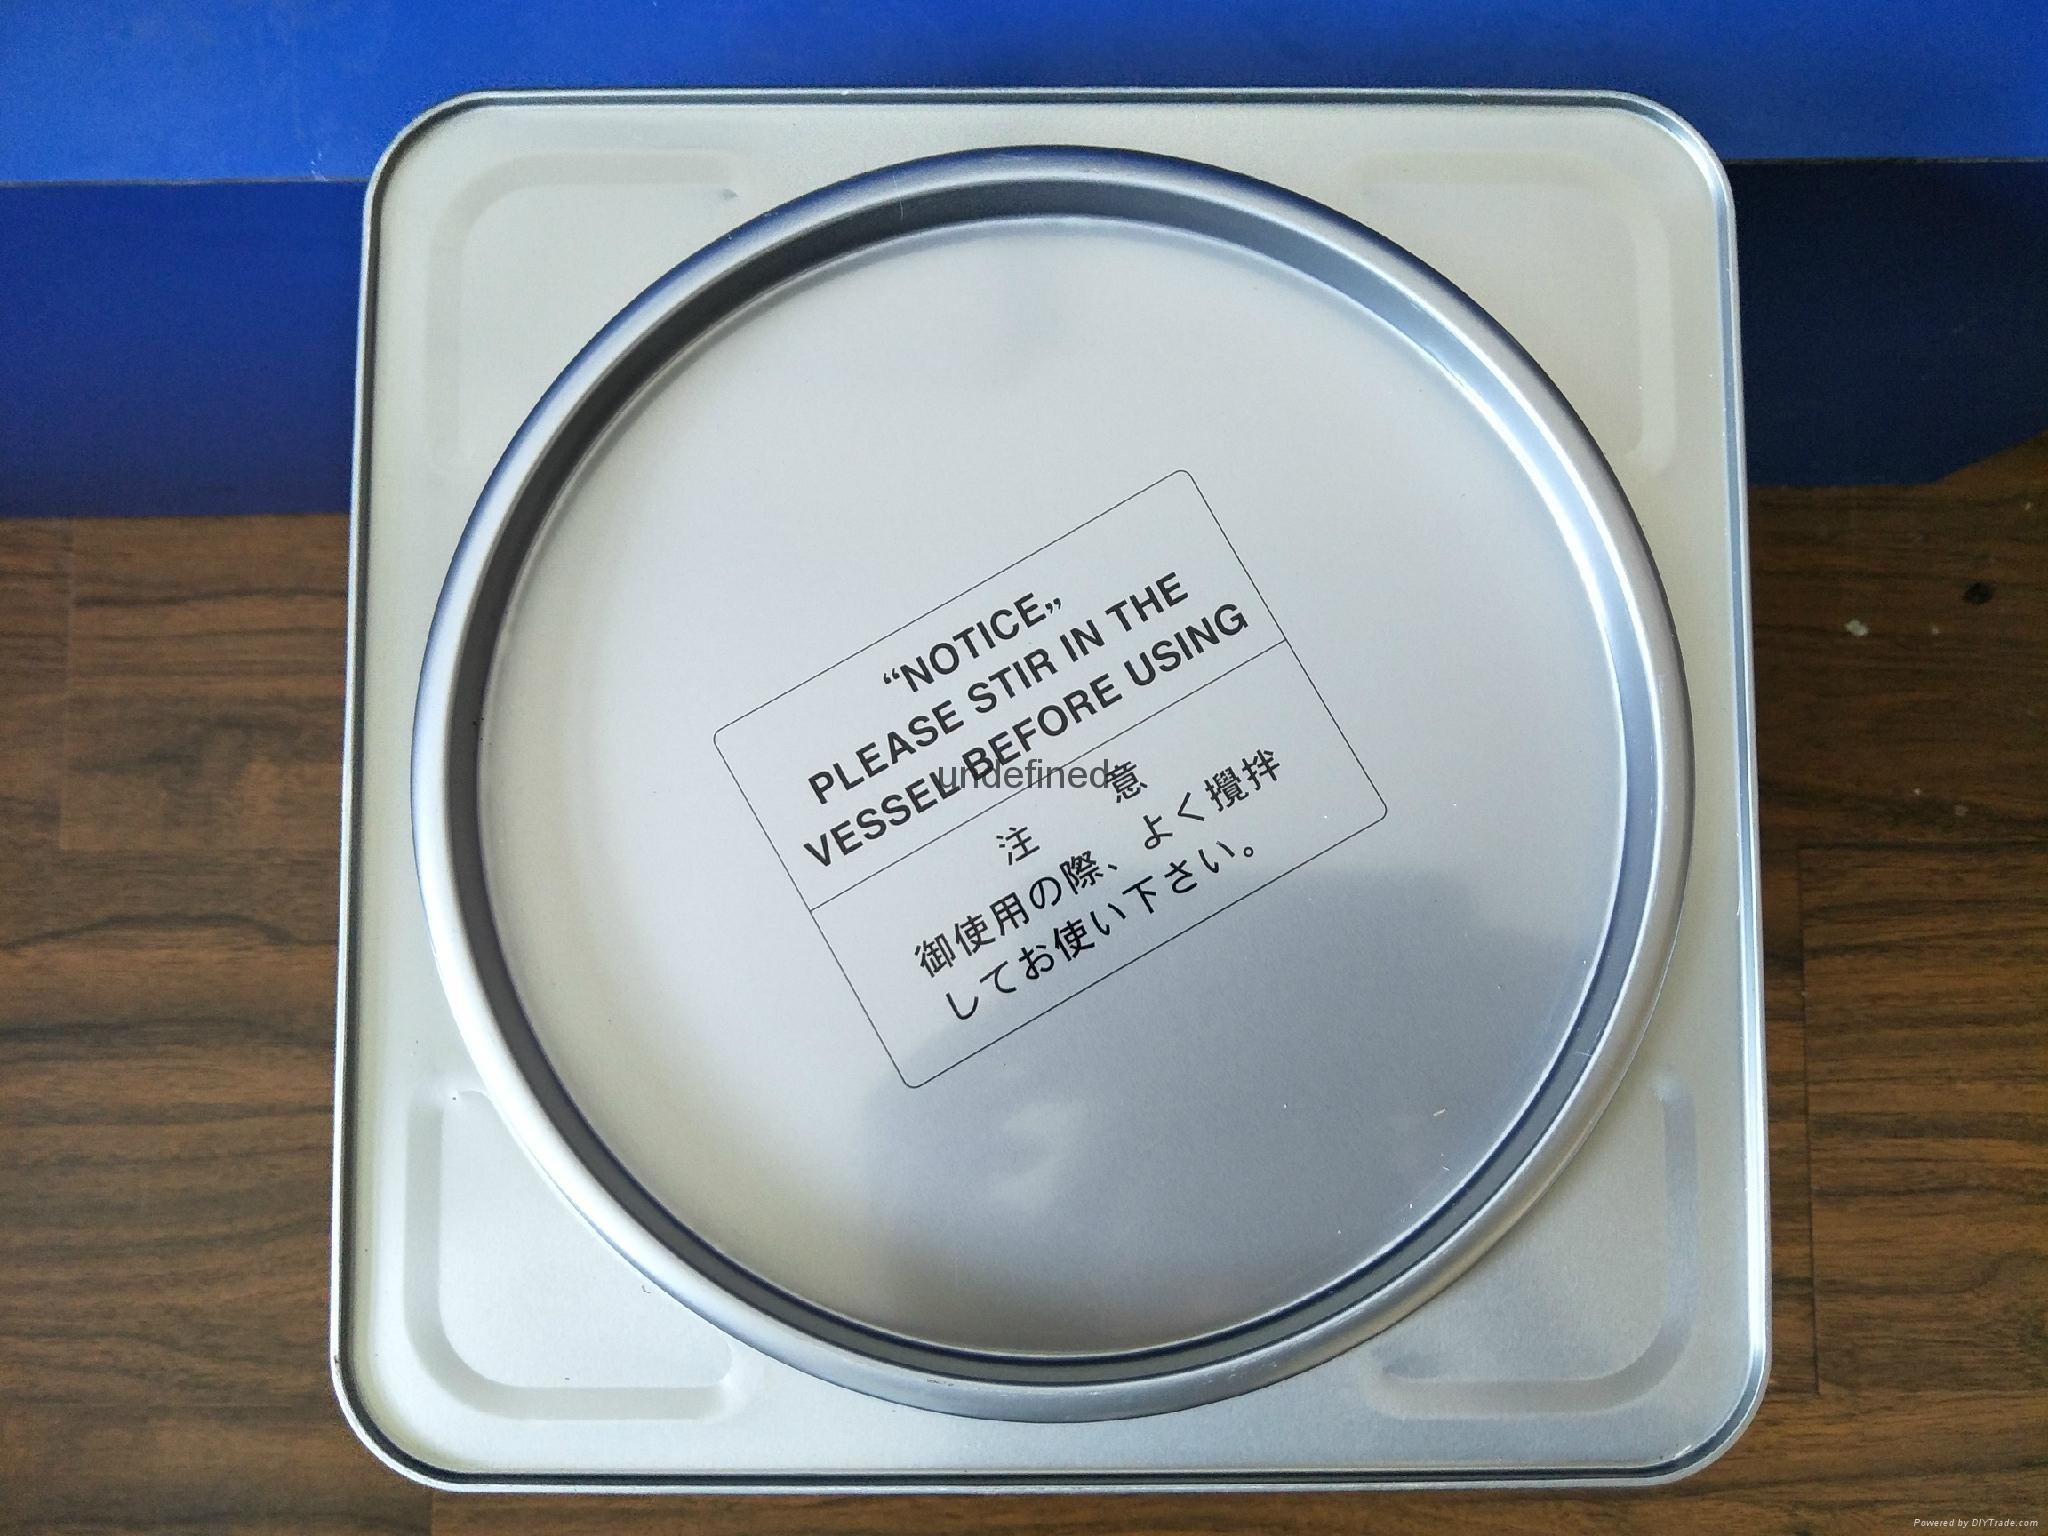 工厂直销环保甲醛清除剂/空气除味剂 3